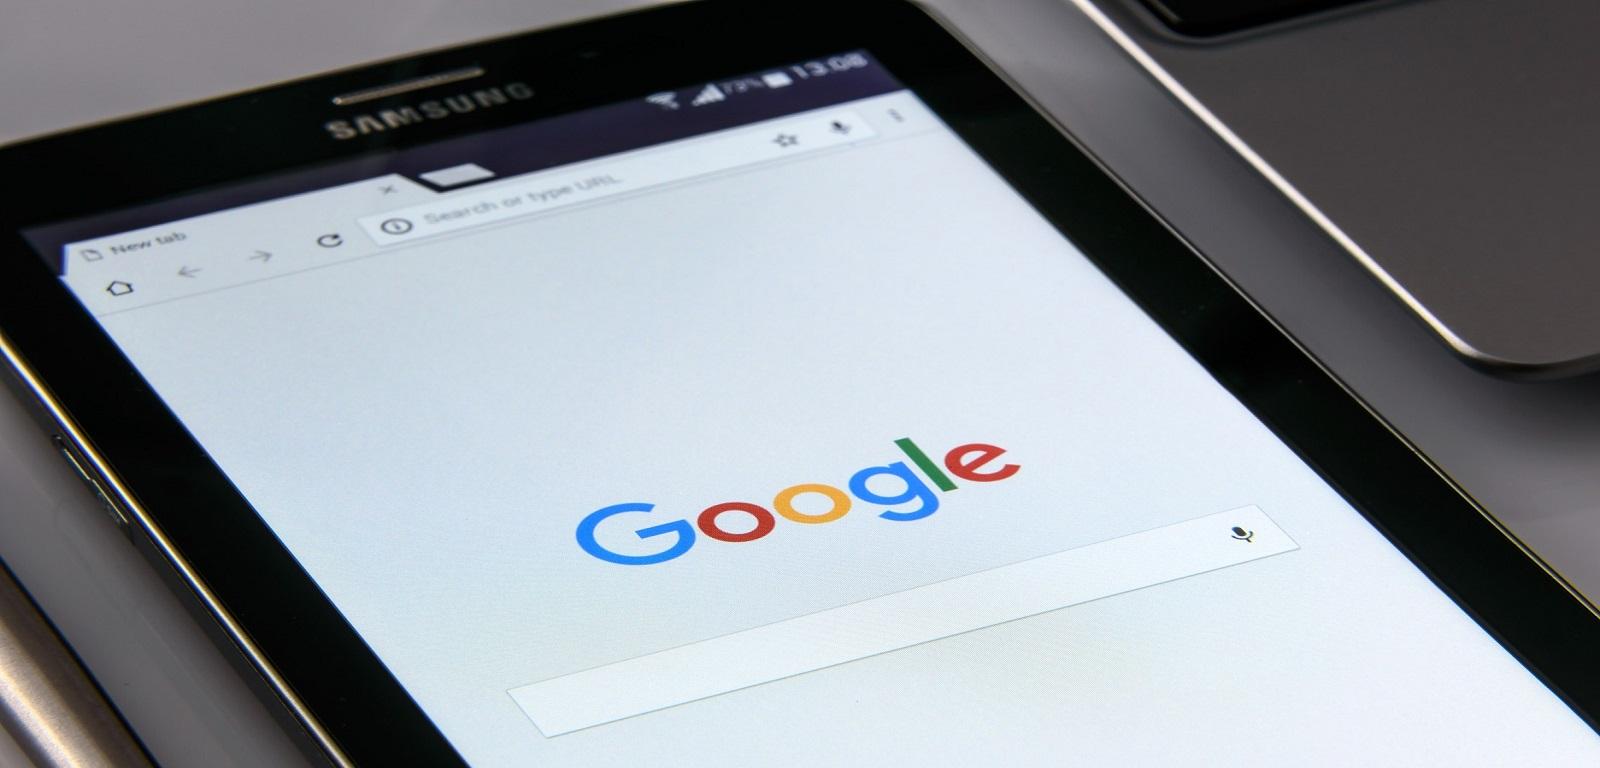 Telefon z wyszukiwarką Google